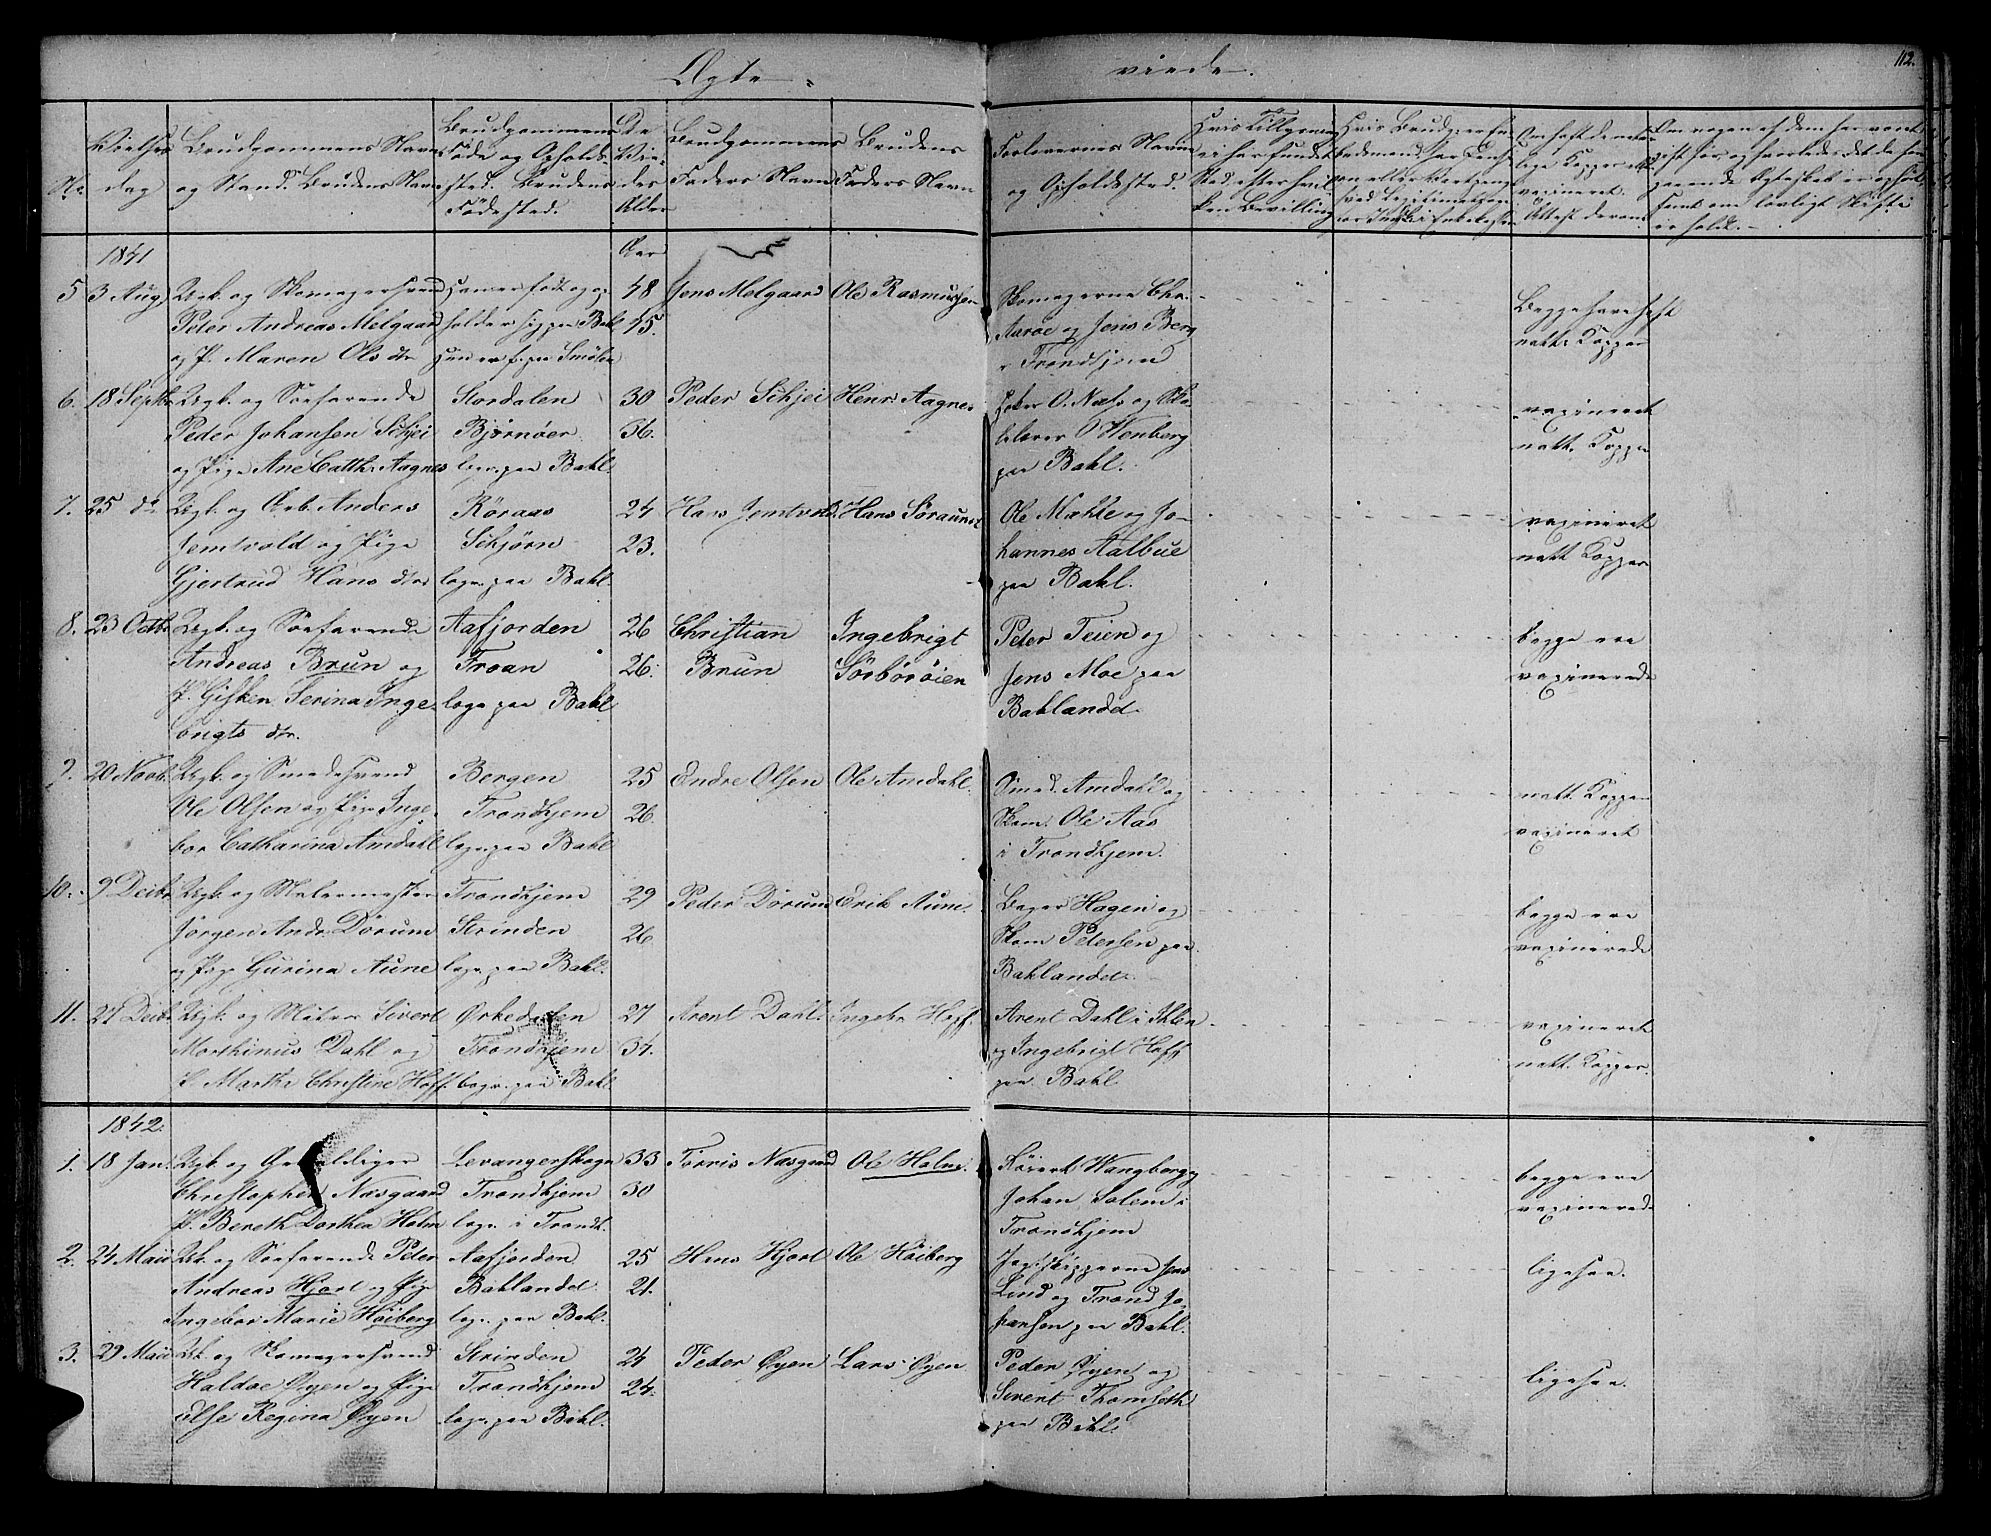 SAT, Ministerialprotokoller, klokkerbøker og fødselsregistre - Sør-Trøndelag, 604/L0182: Ministerialbok nr. 604A03, 1818-1850, s. 112